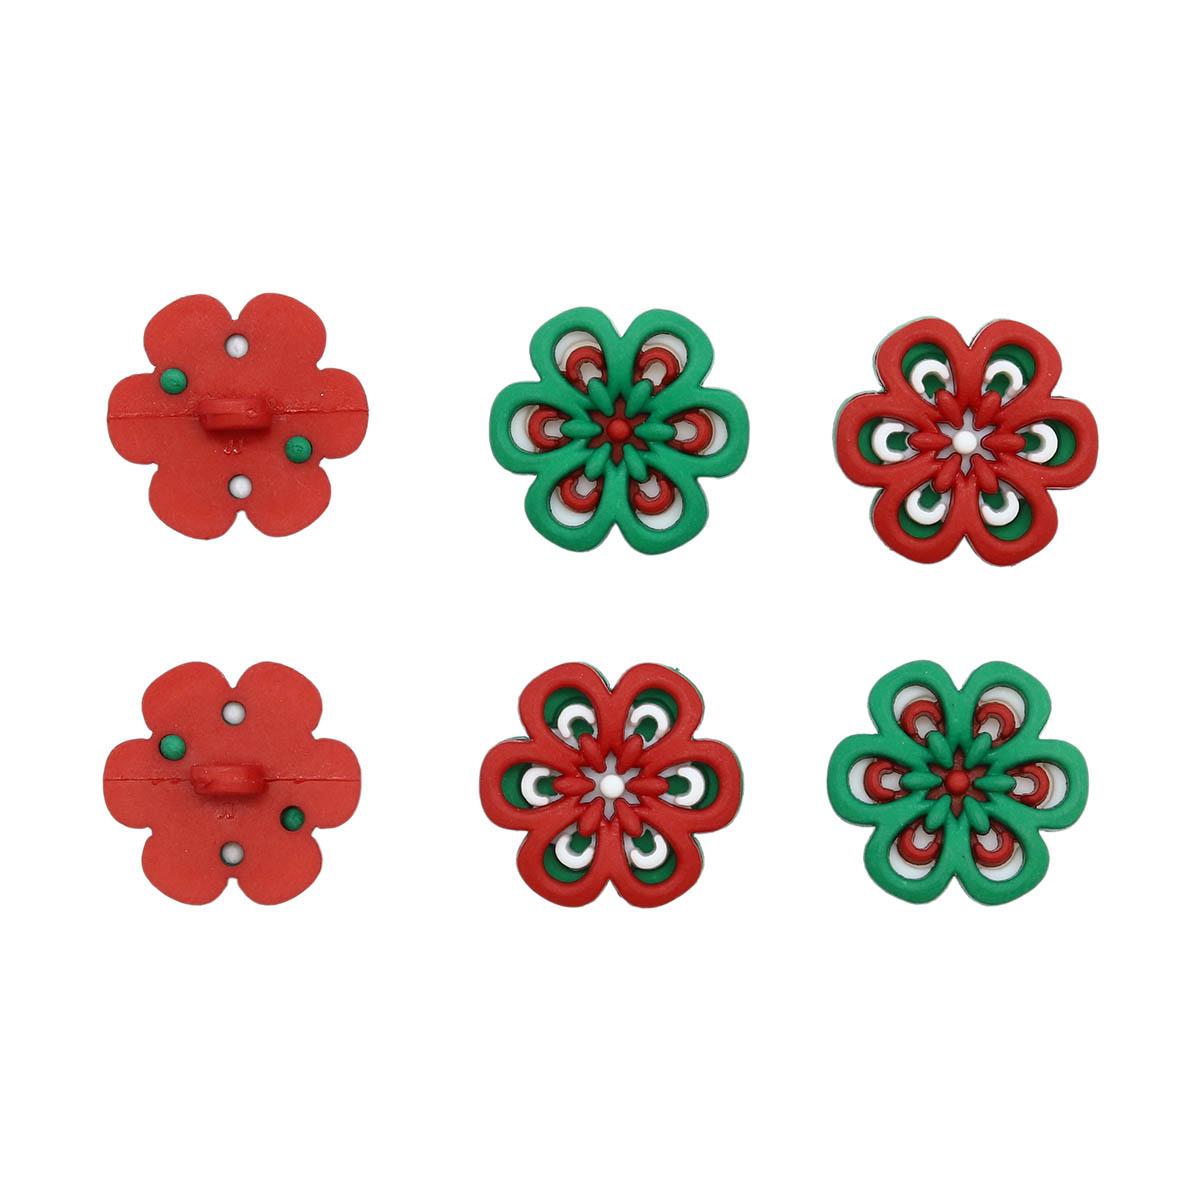 8983, Фигурки. Рождественские цветы Dress It Up